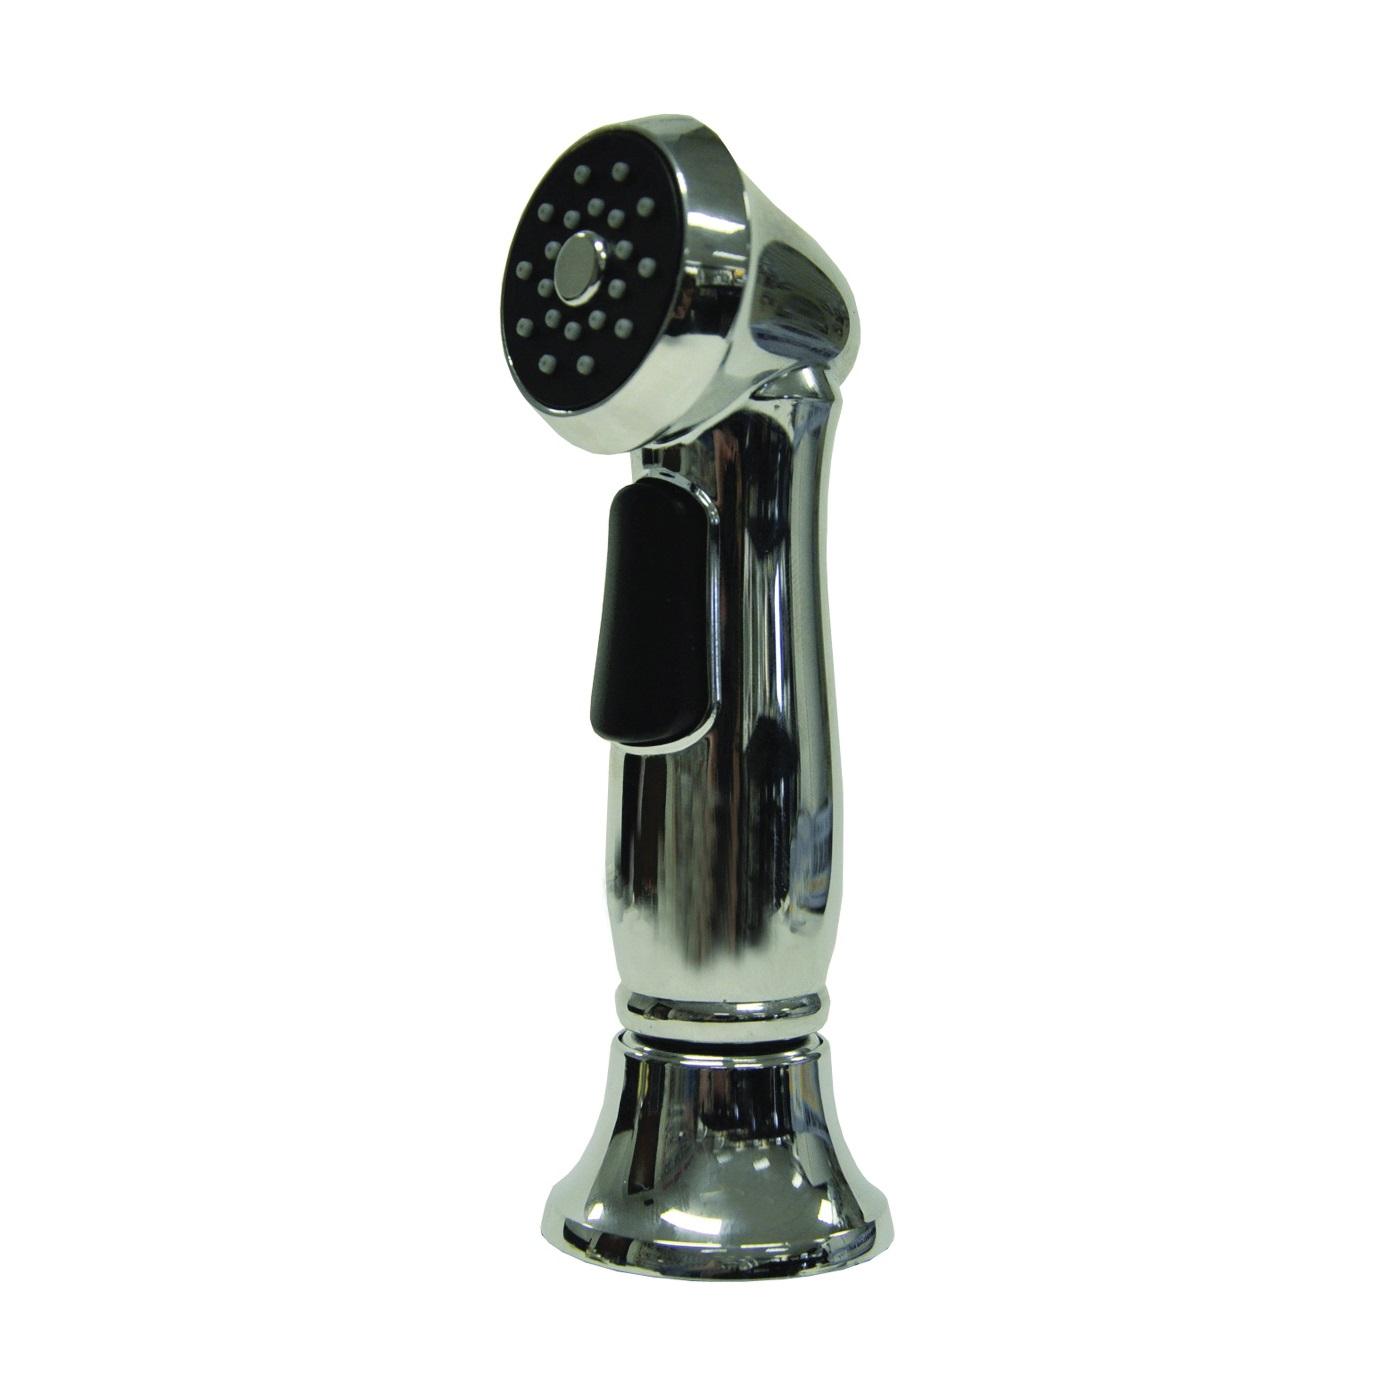 Picture of Danco Premium 10336 Sink Spray Head, Plastic